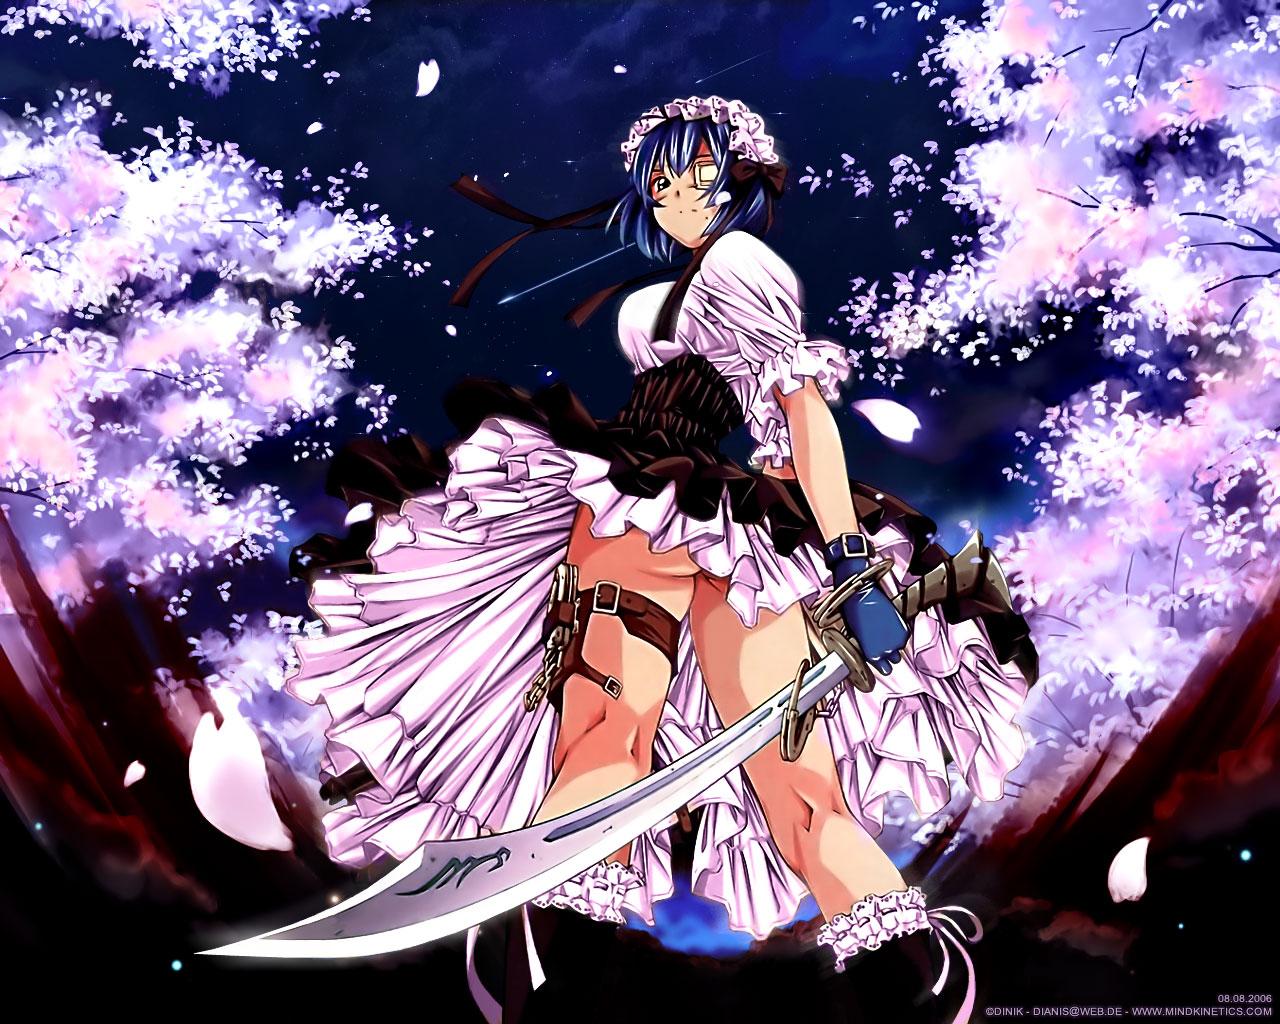 Fairy Tail Wallpaper Hd Top 10 Gostosas Dos Animes Ei Nerd